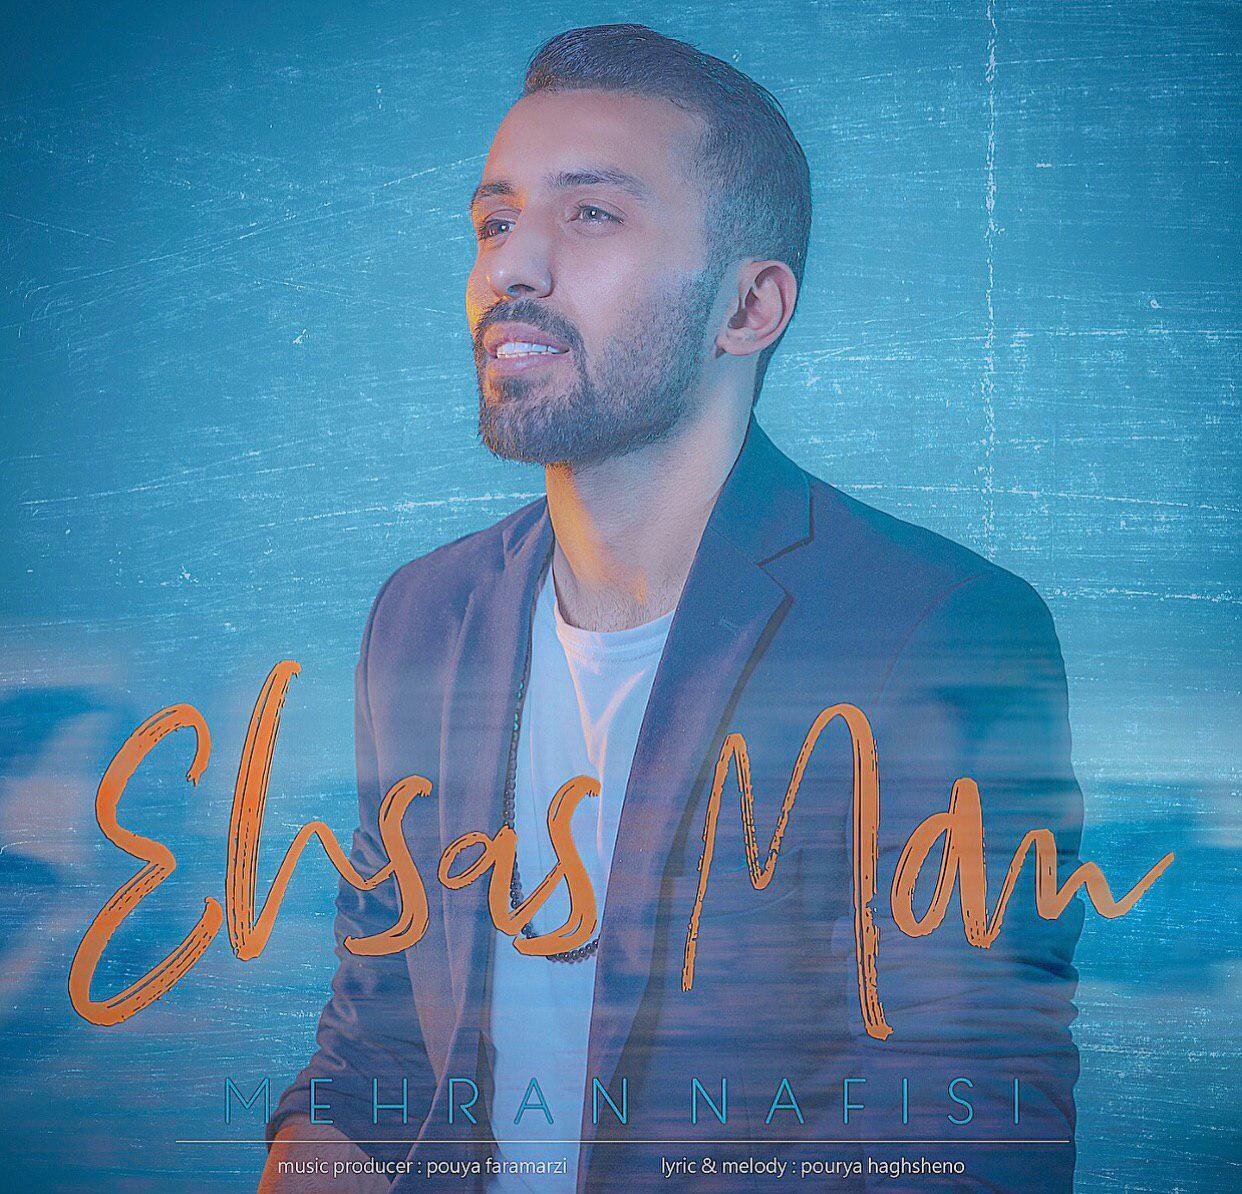 Mehran Nafisi – Ehsas Man